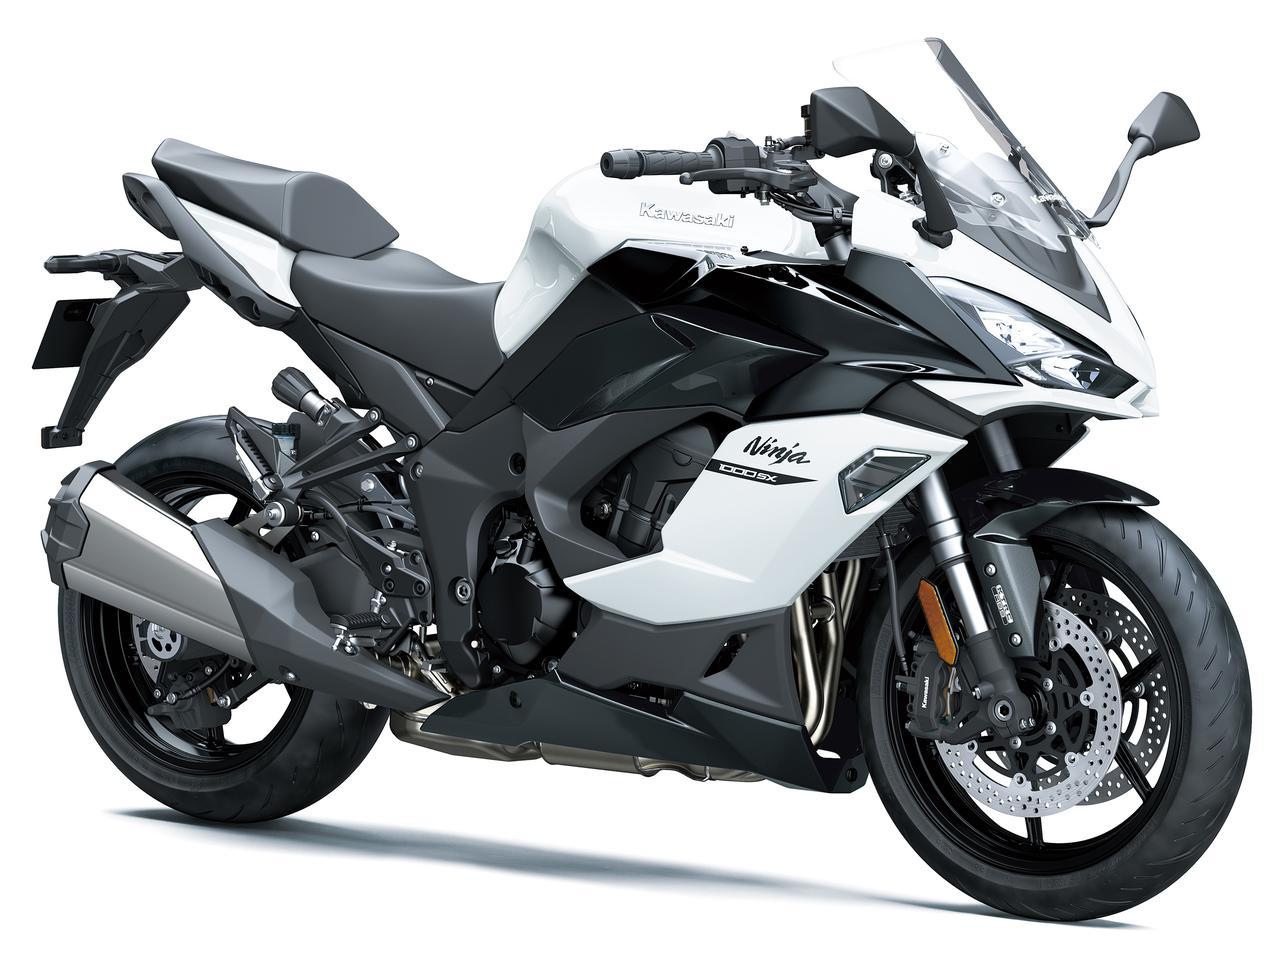 Images : 8番目の画像 - Ninja 1000SX(2020)の写真をまとめて見る - webオートバイ